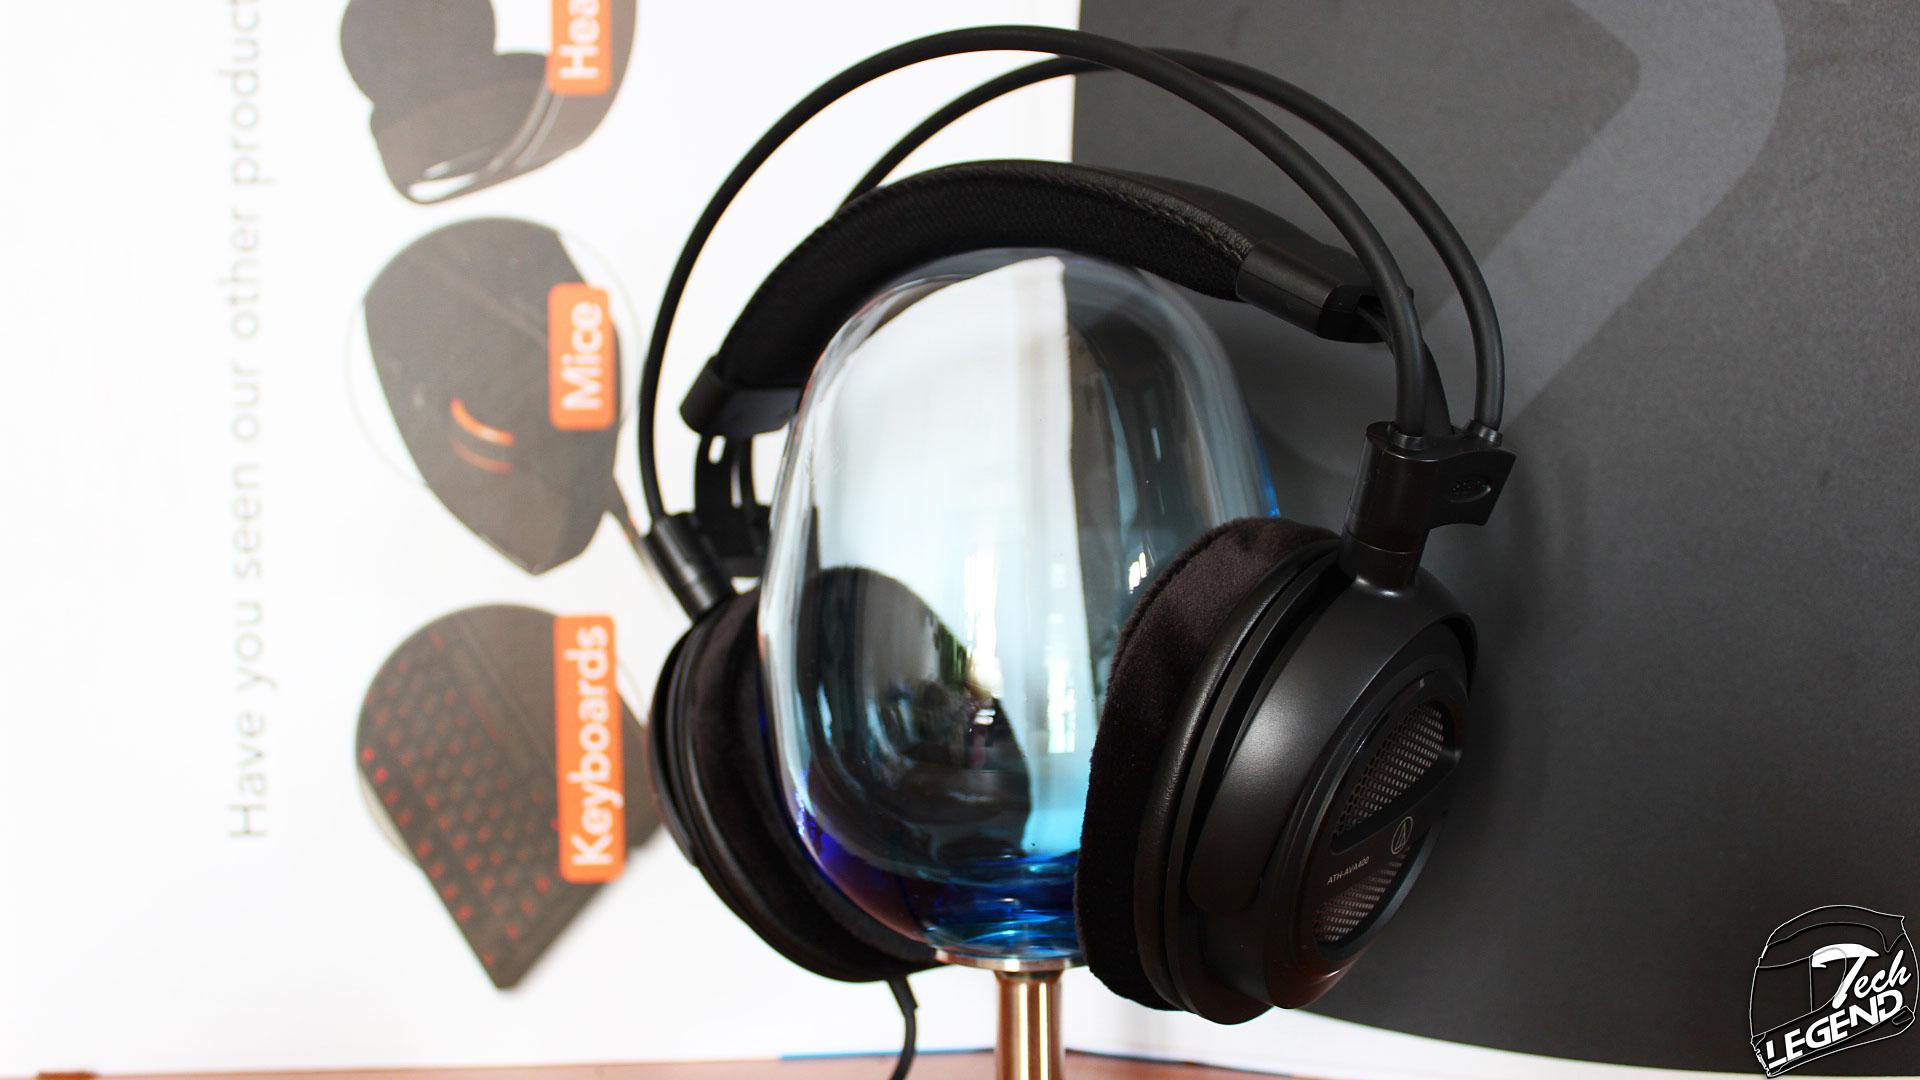 Afbeeldingsresultaat voor audio ergonomics